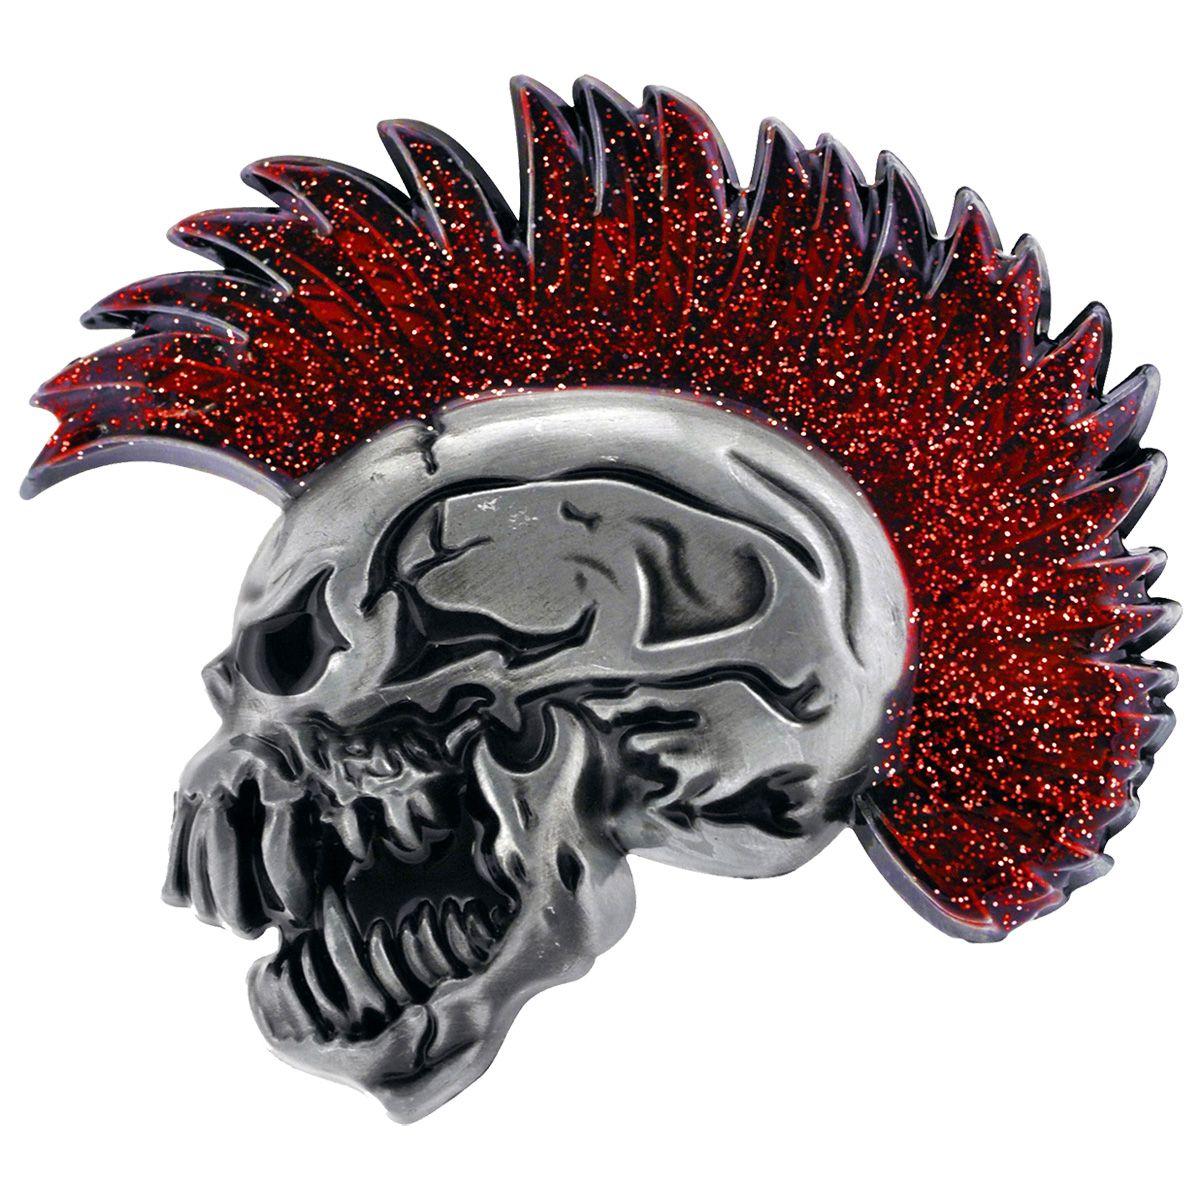 Boucle de ceinture Tête de mort Heavy Metal Punk Gotique Biker Hellfest